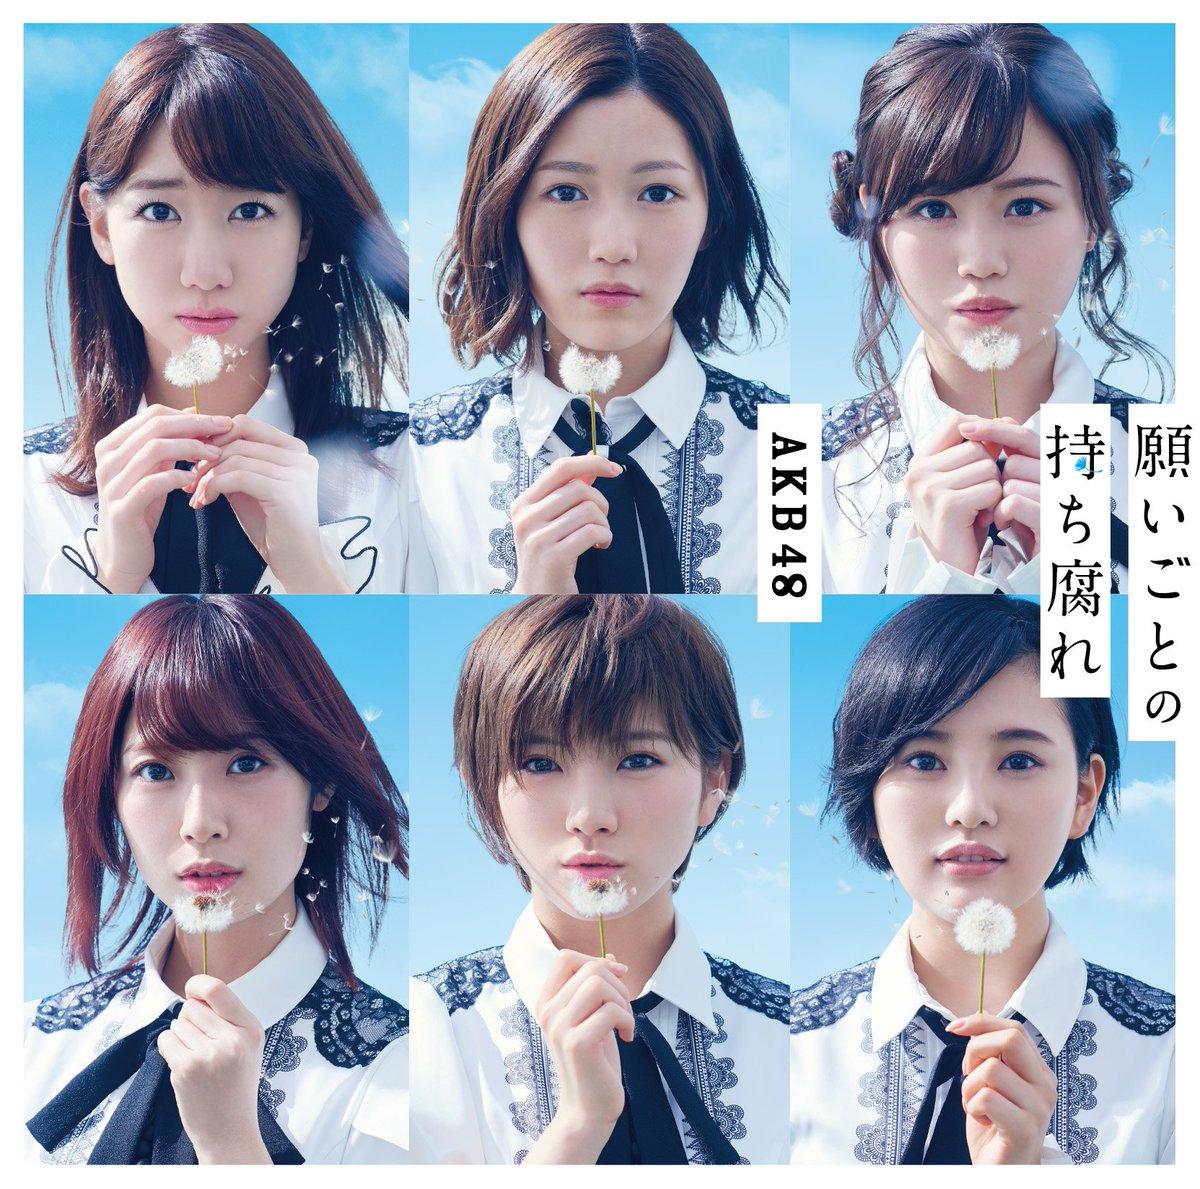 【AKB48】シングル『願いごとの持ち腐れ』が売上250万枚突破! 「選抜総選挙」の熱気を裏付ける結果に [無断転載禁止]©2ch.netYouTube動画>2本 ->画像>76枚